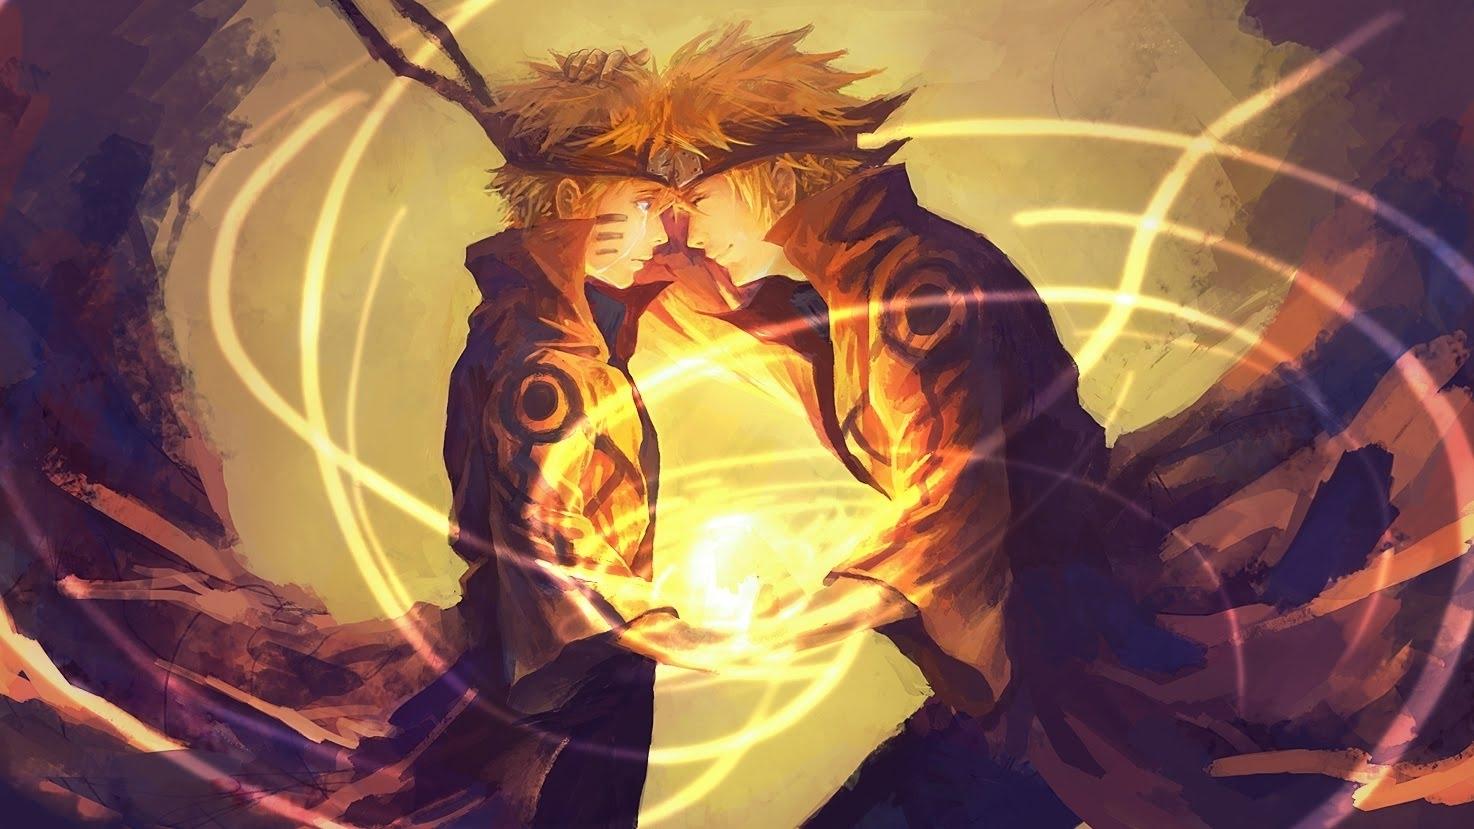 Kakashi Hatake Naruto Uzumaki Haruno Sasuke Uchiha Resolution Hd 4k Wallpapers Image Backgrounds Sakura